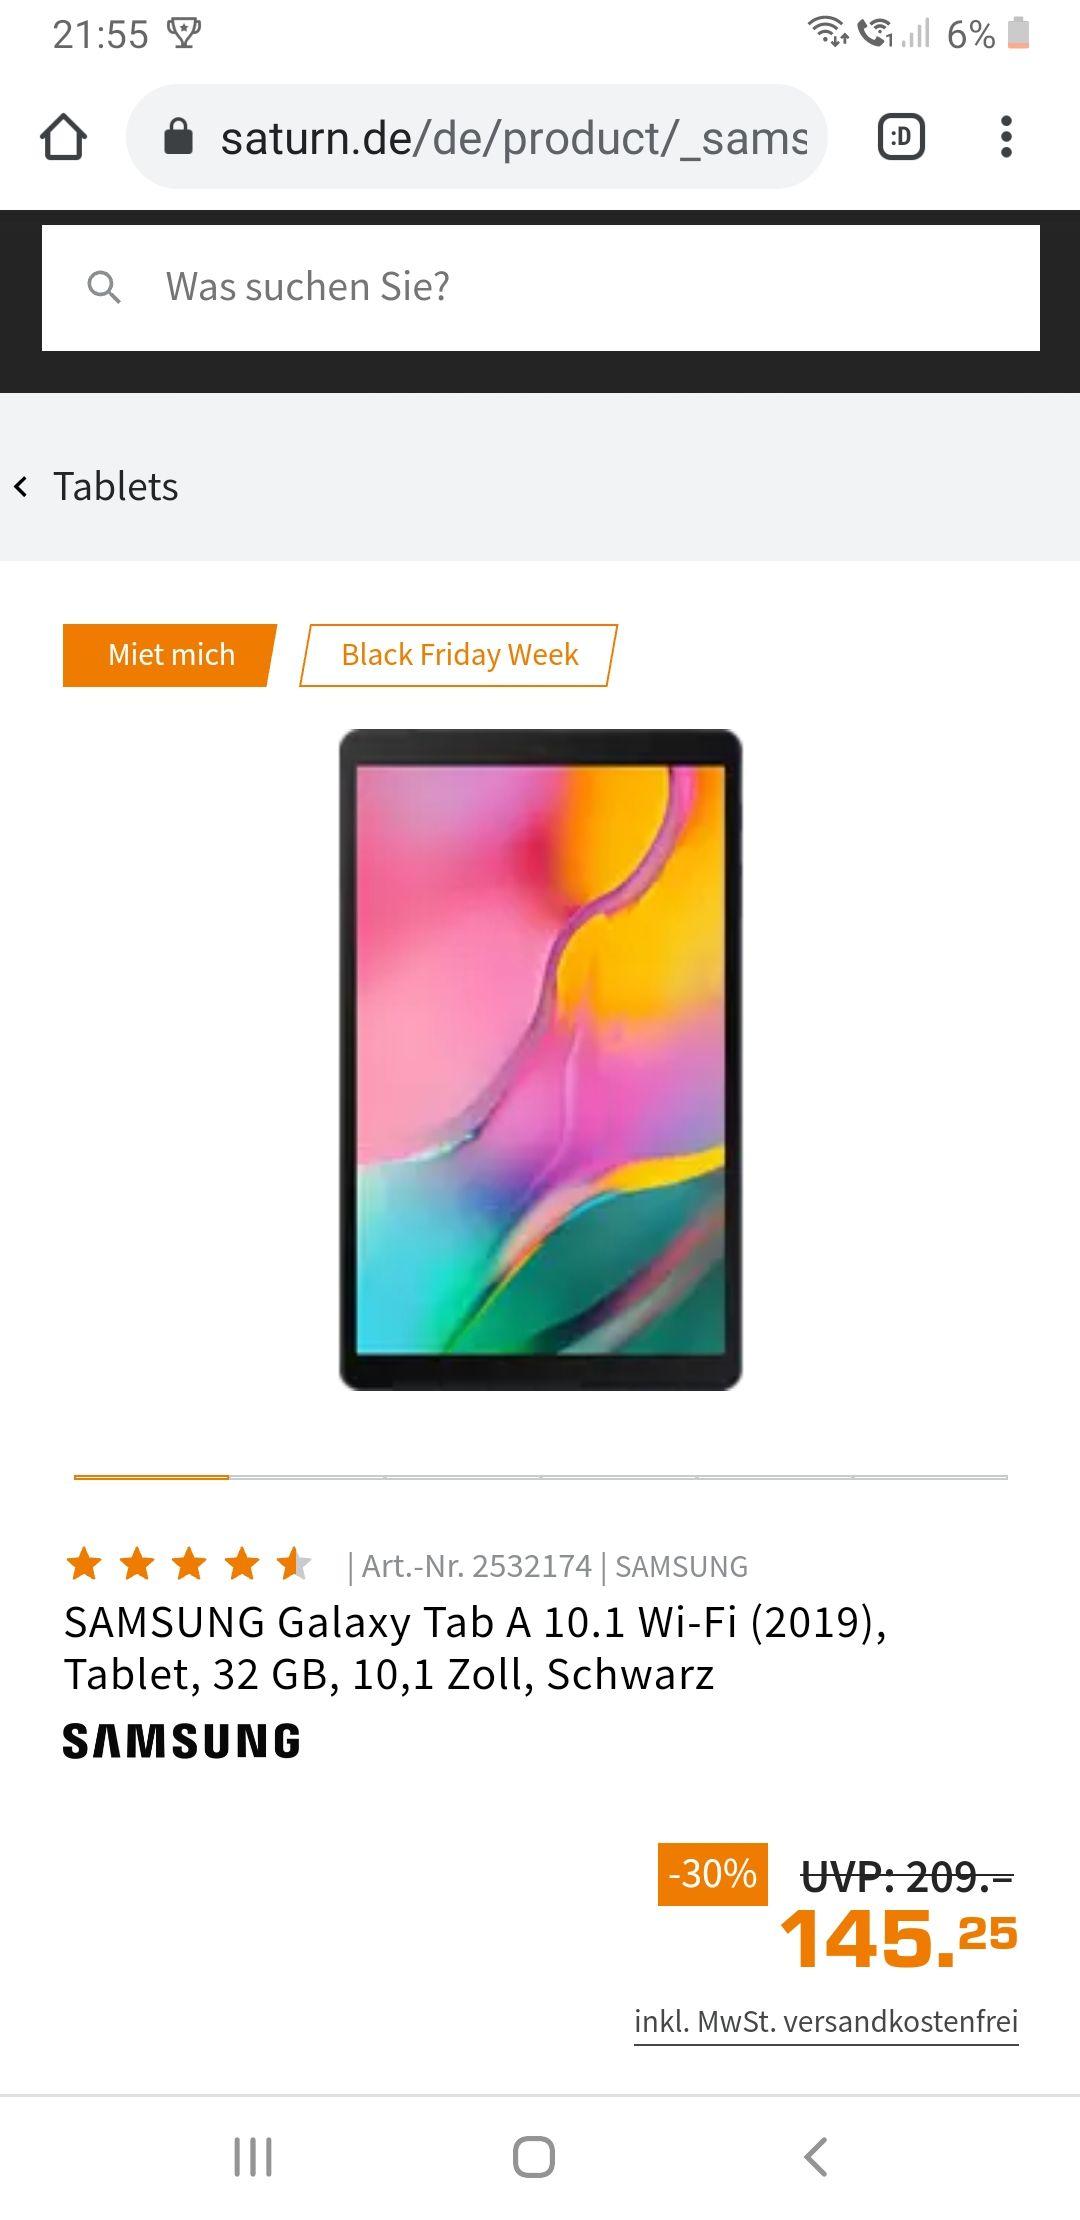 Grensdeal Saturn en Mediamarkt SAMSUNG Galaxy Tab A 10.1 Wi-Fi (2019), Tablet, 32 GB, 10,1 Zoll, Schwarz